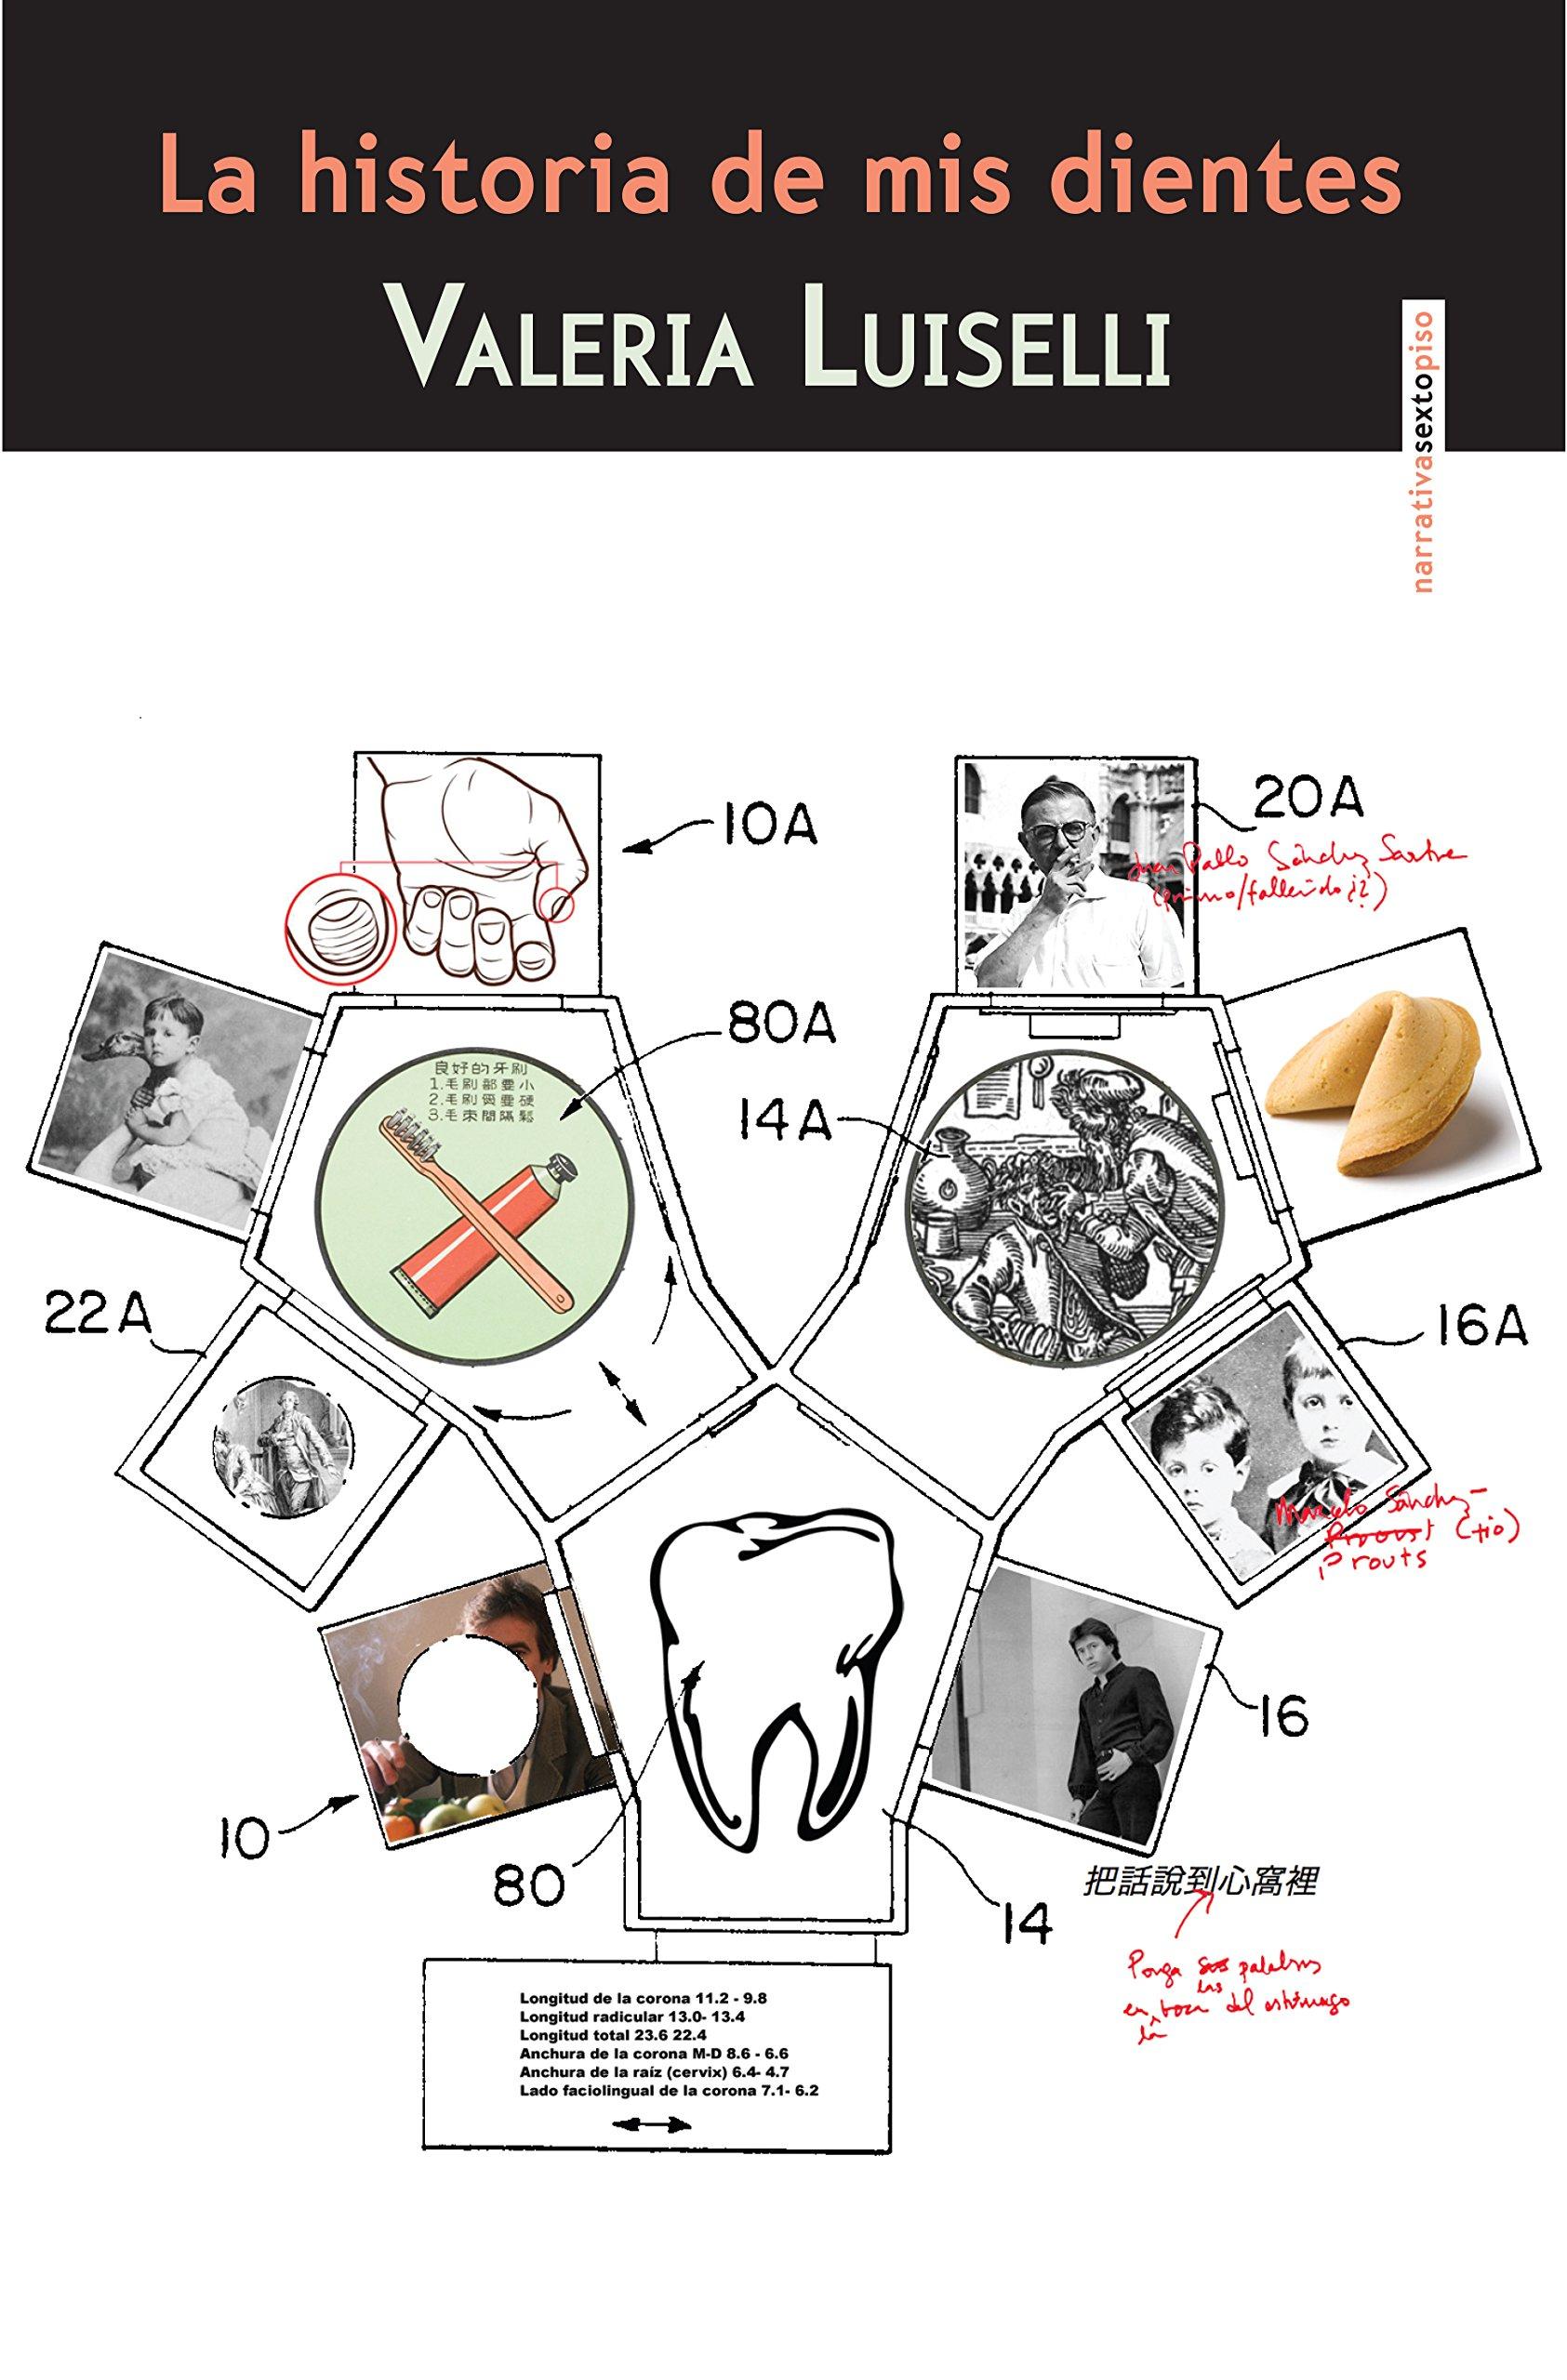 Resultado de imagen para la historia de mis dientes